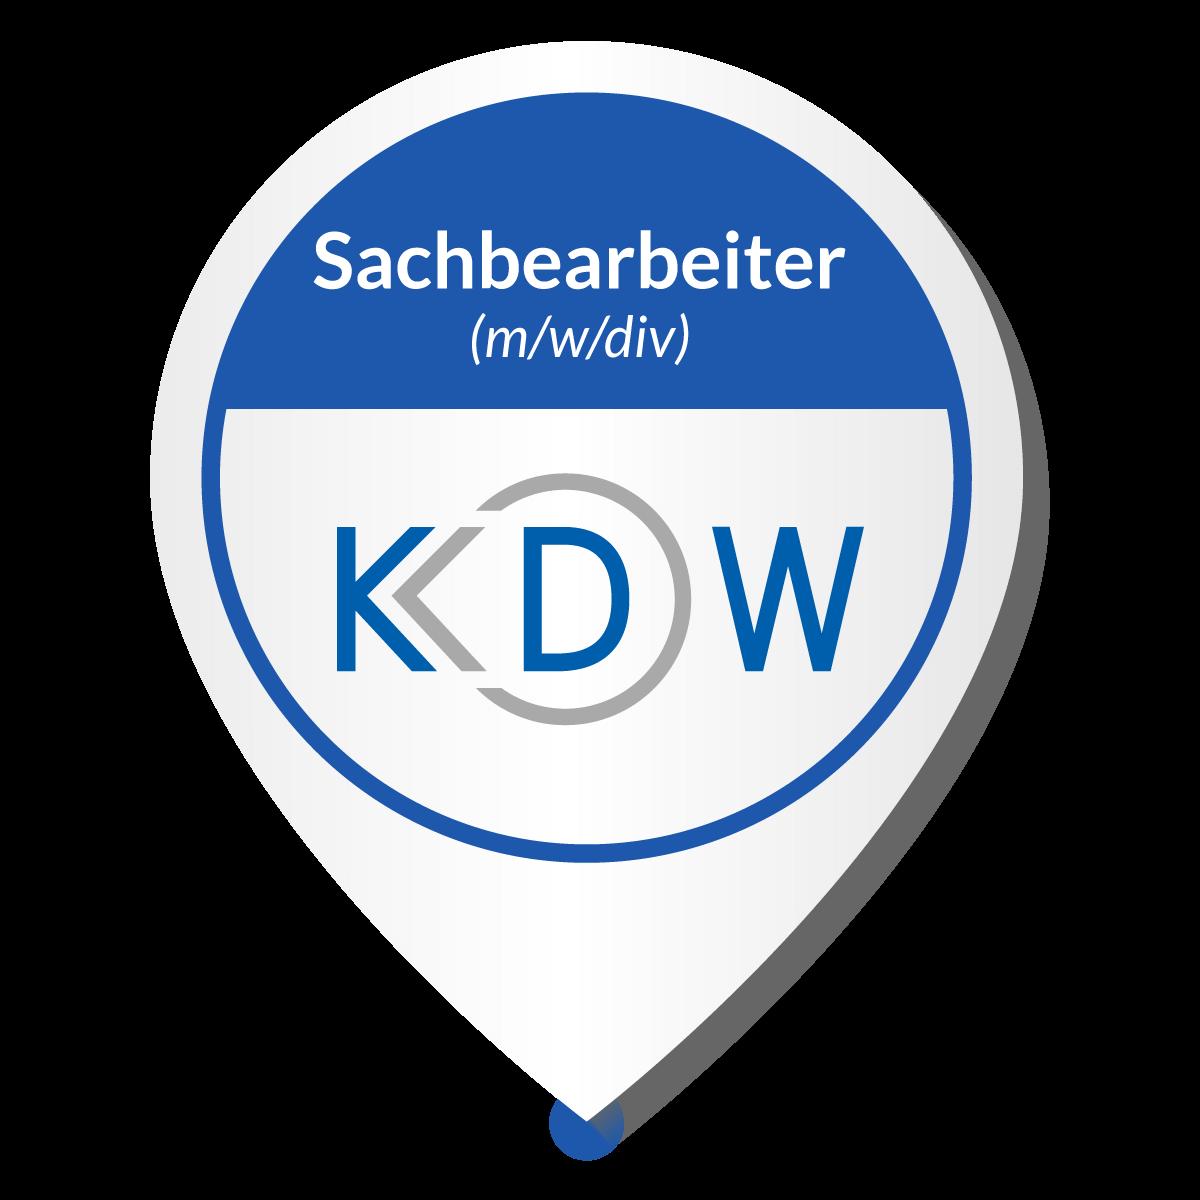 Jobangebot KDW Technical Help GmbH Sachbarbeiter